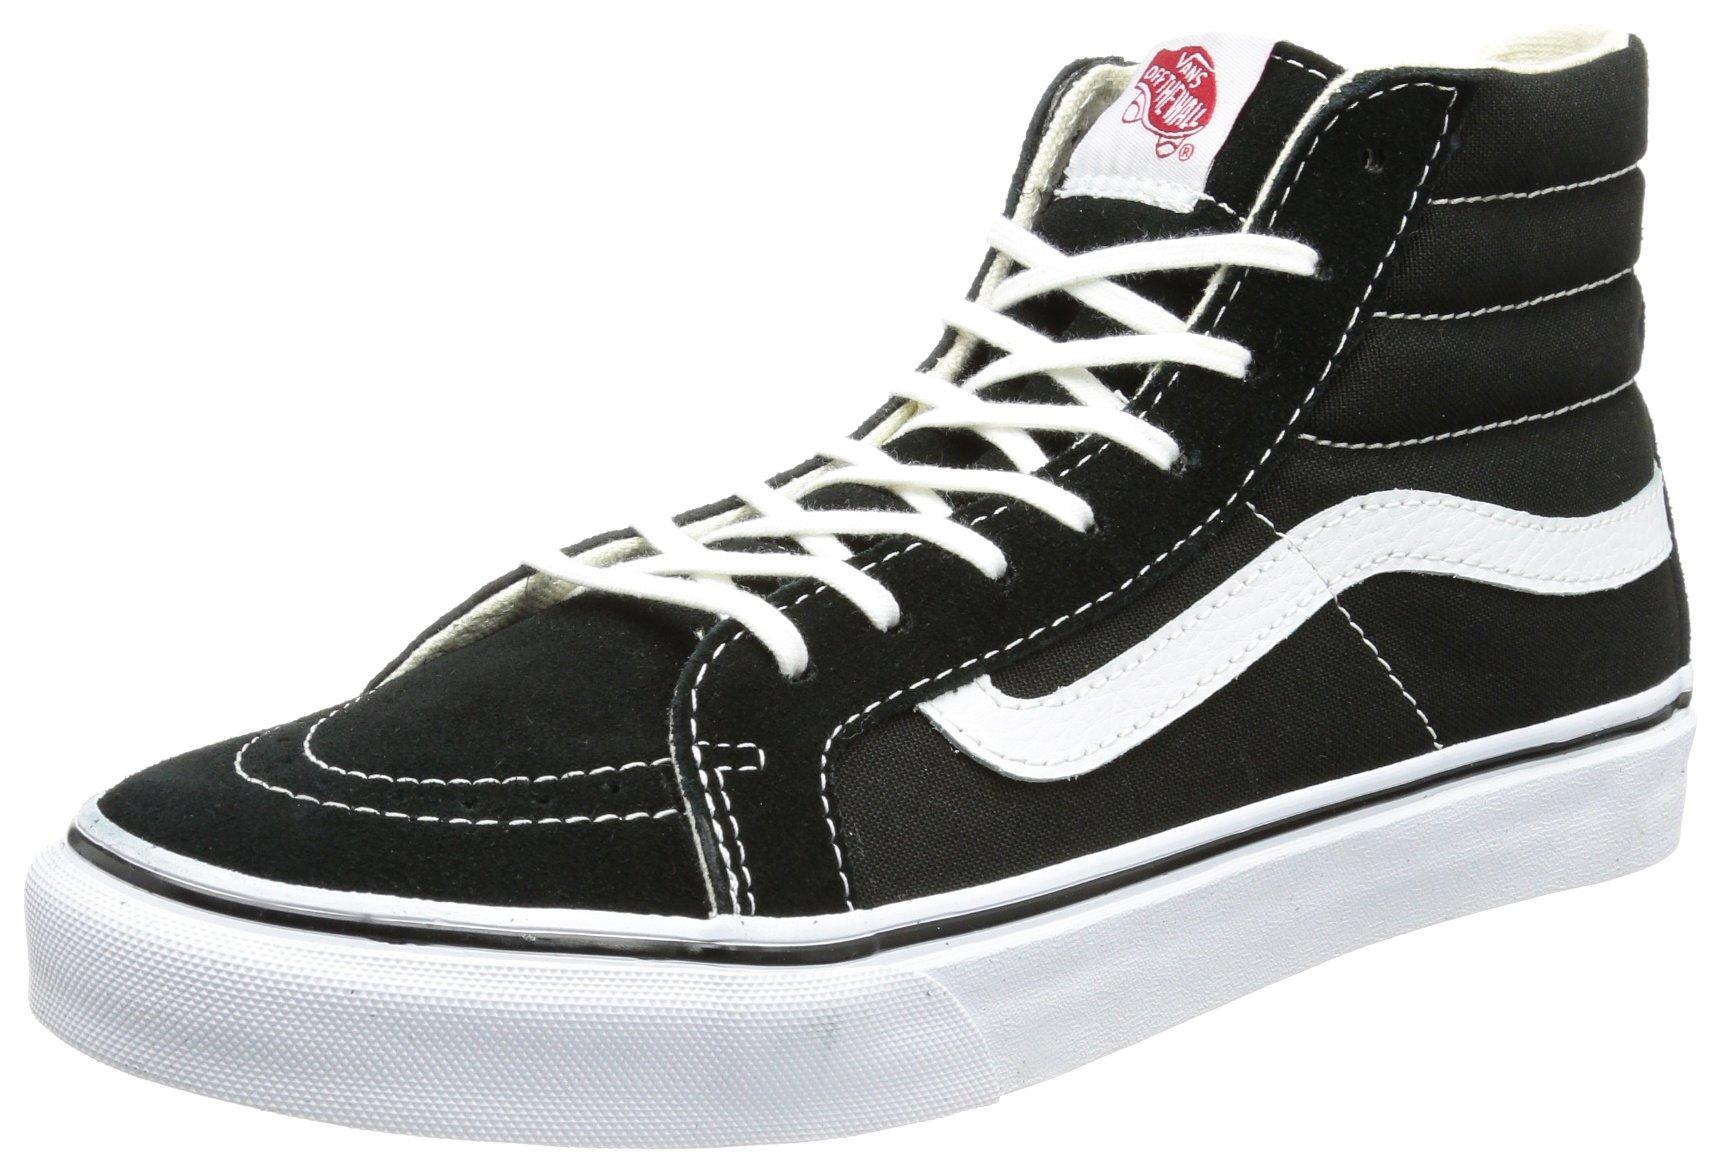 vans hi shoes